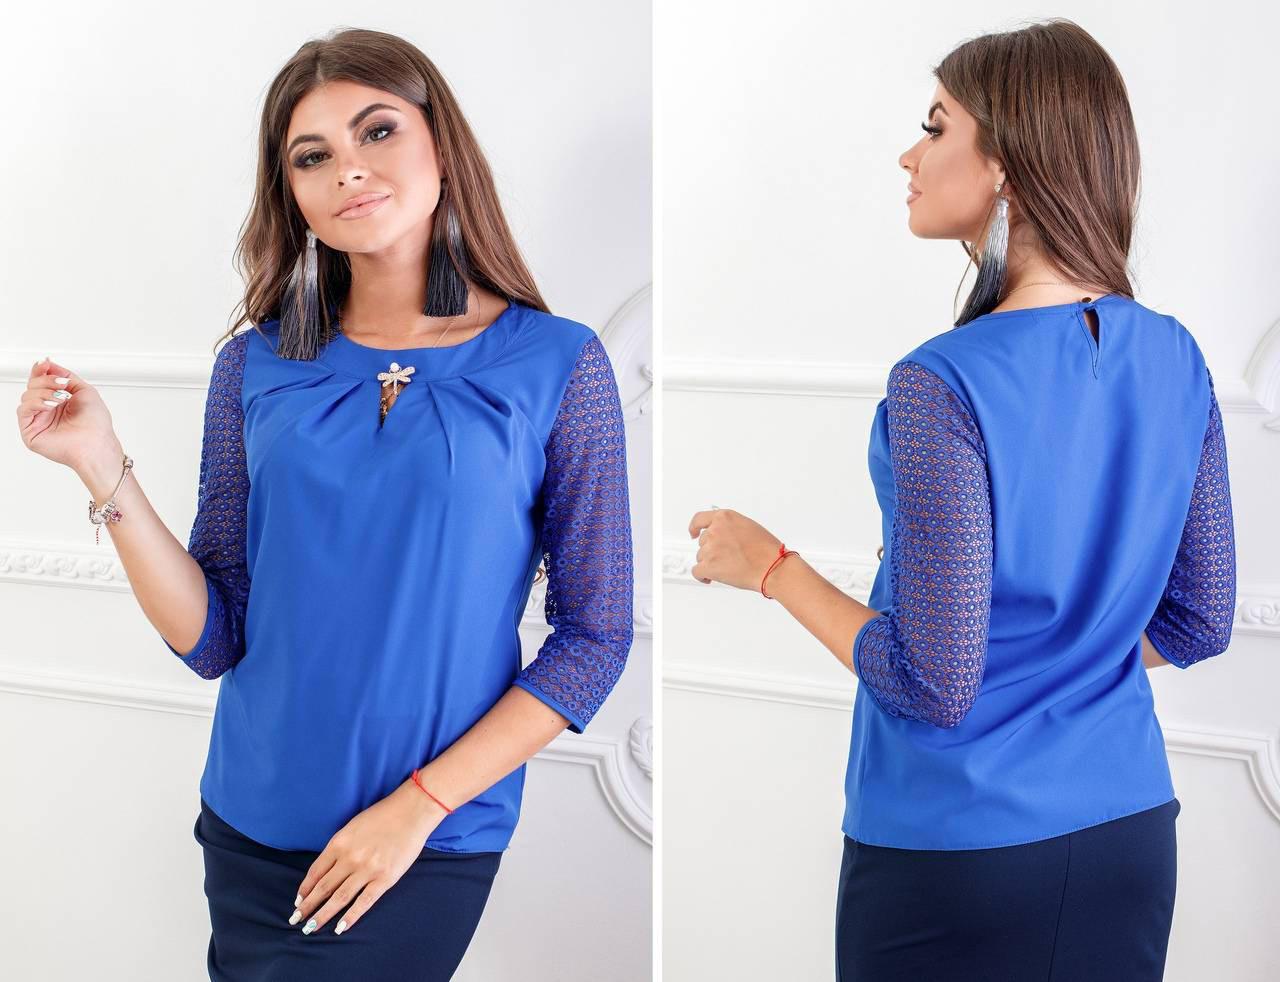 Блуза с кружевными рукавам и брошкой, бенгалин, модель 122, цвет - электрик